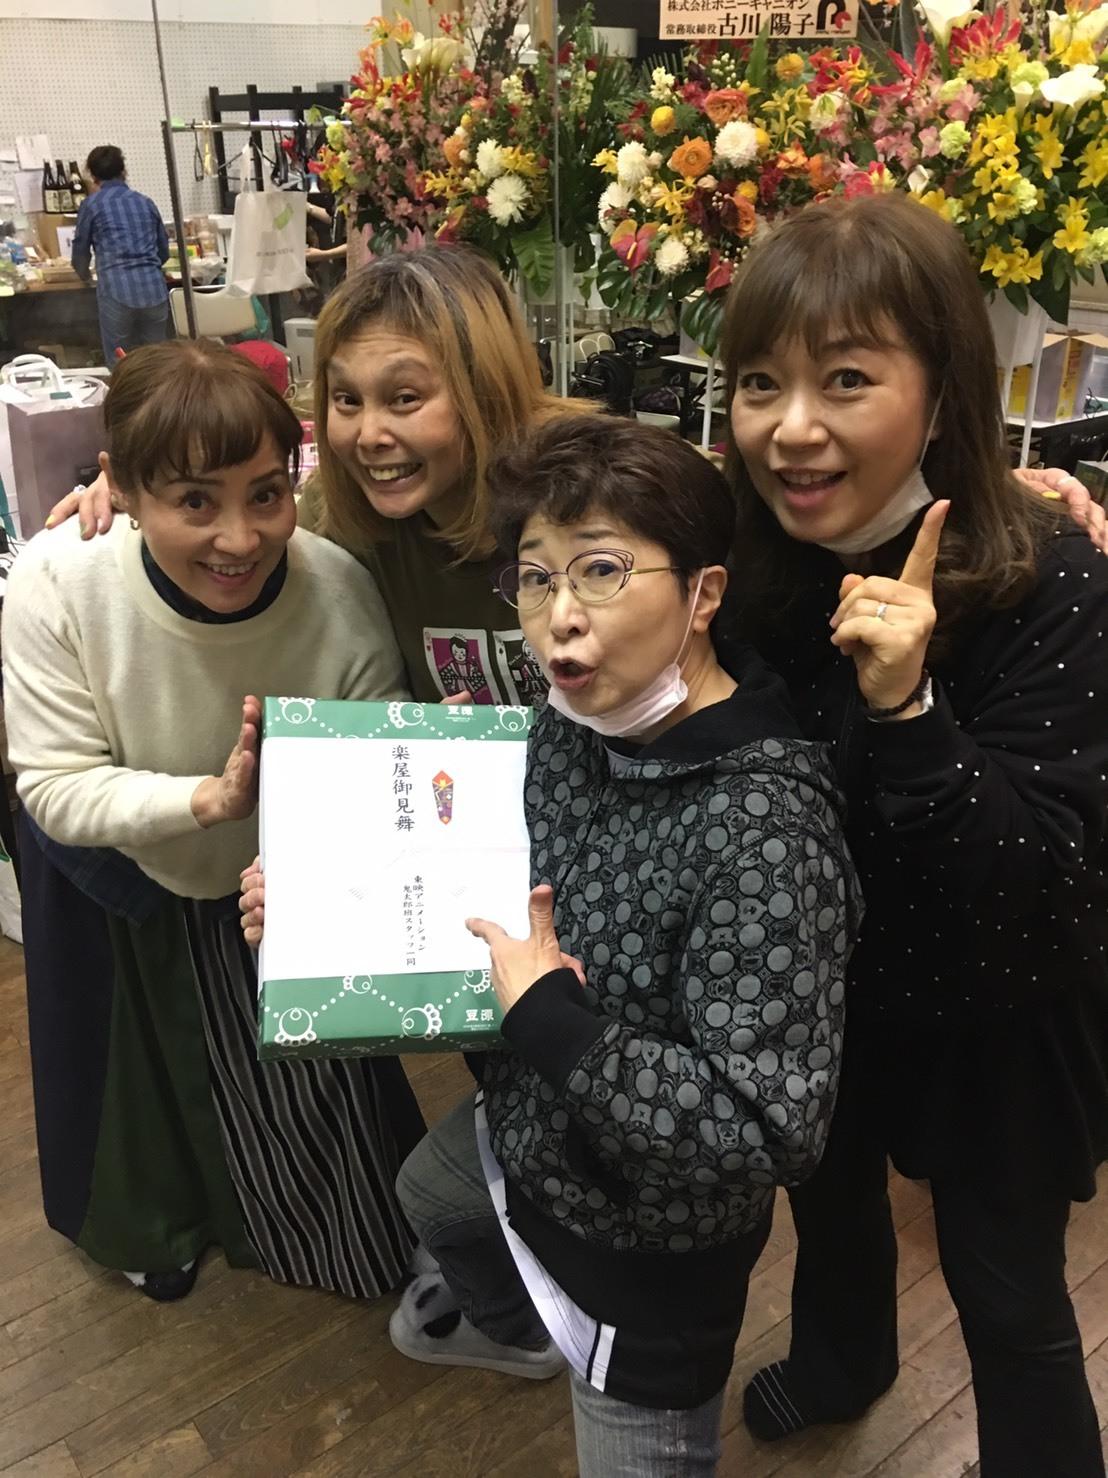 東映ゲゲゲプロデューサーチーム_a0163623_00133654.jpg